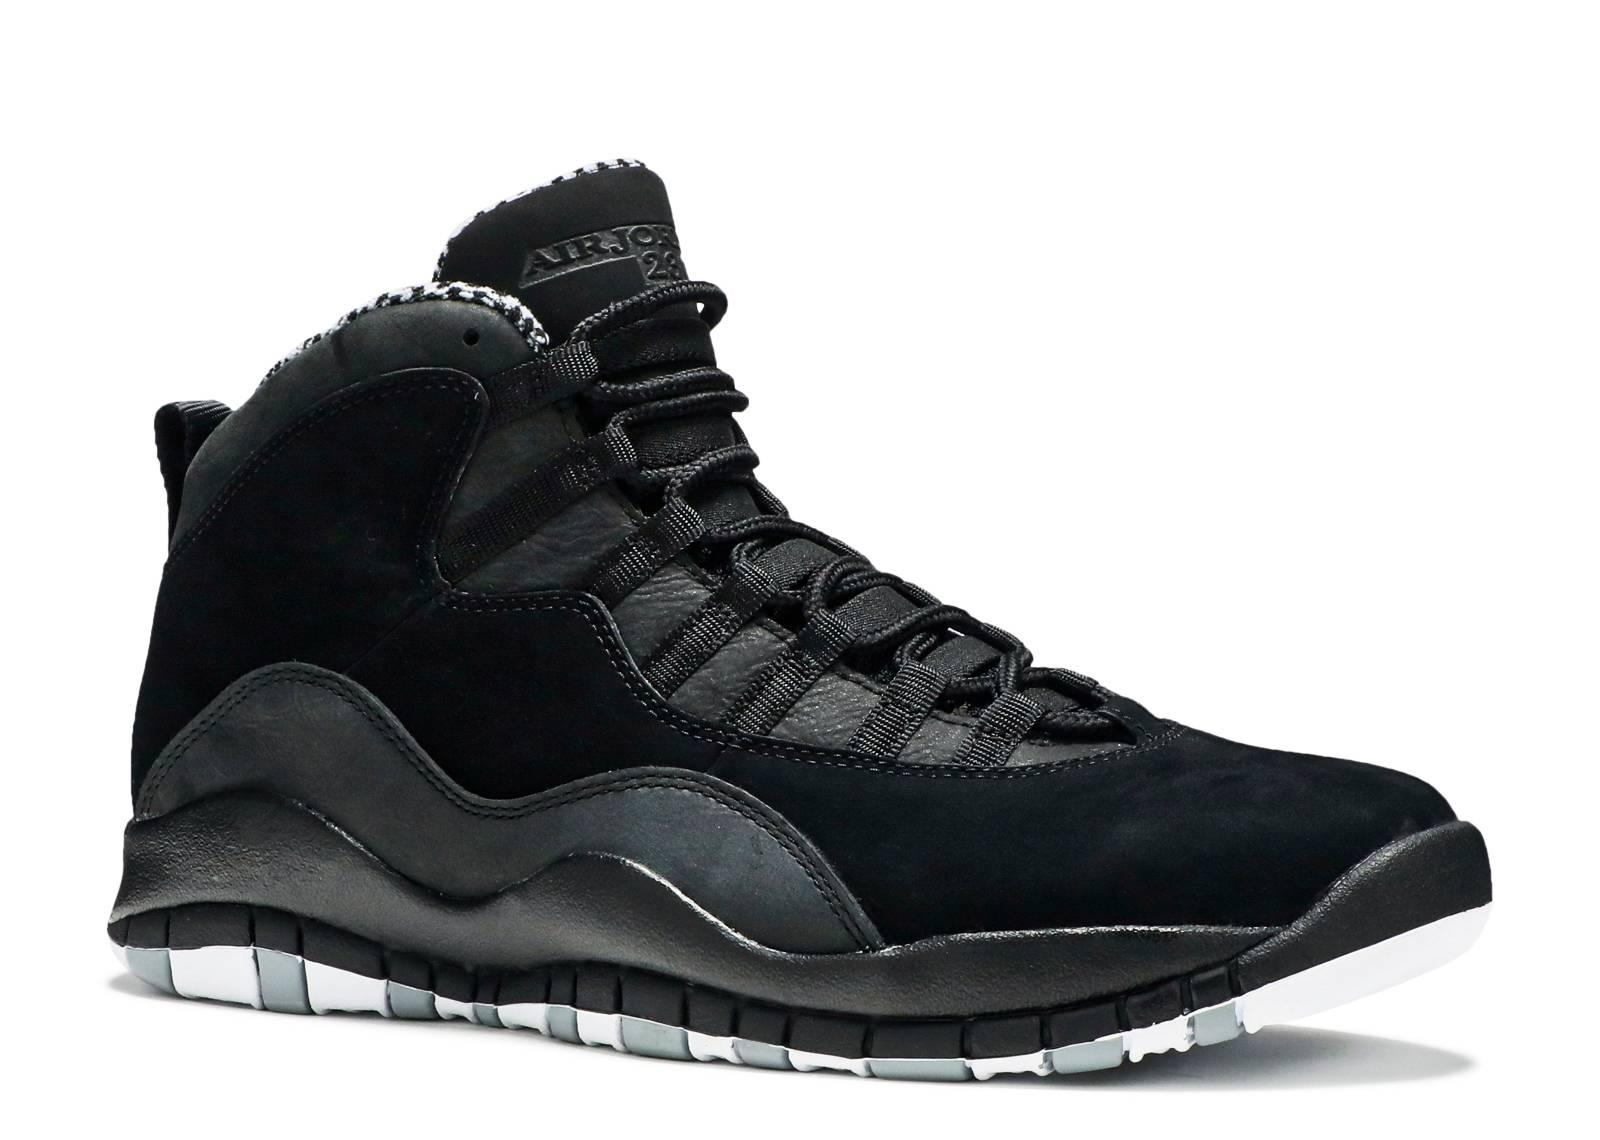 air jordan 10 black stealth